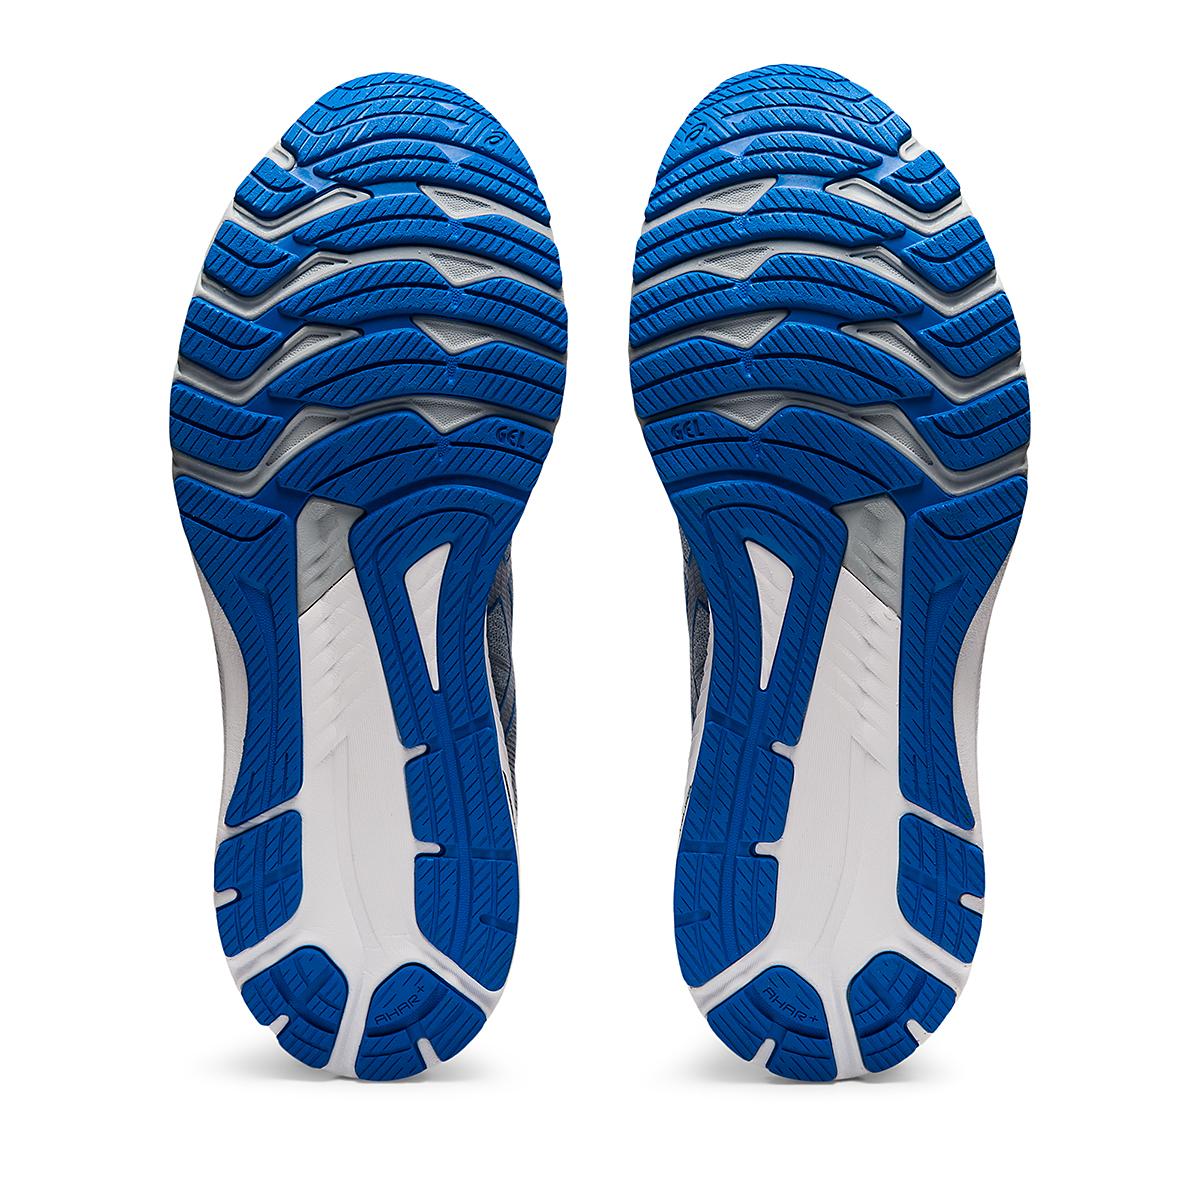 Men's Asics GT-2000 10 Running Shoe - Color: Sheet Rock/Electric Blue - Size: 7 - Width: Wide, Sheet Rock/Electric Blue, large, image 7